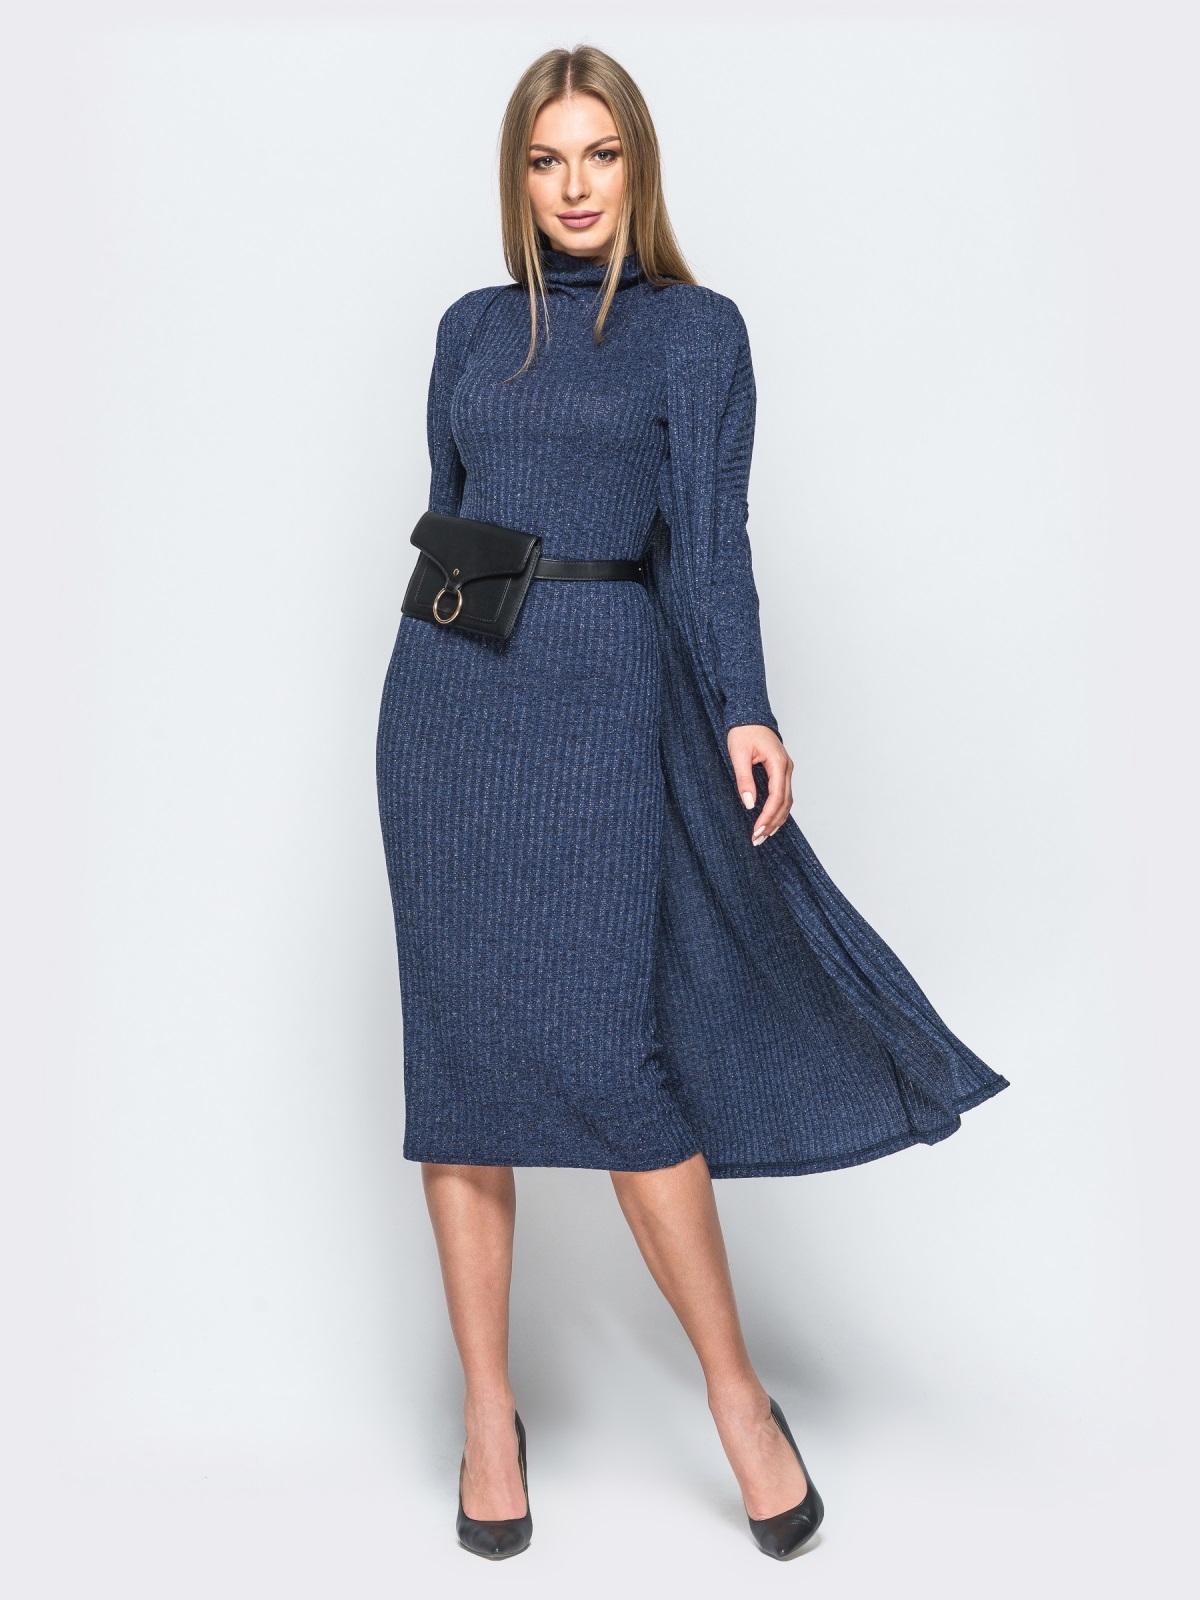 Трикотажный комплект с платьем-гольф и кардиганом тёмно-синий - 17470, фото 1 – интернет-магазин Dressa